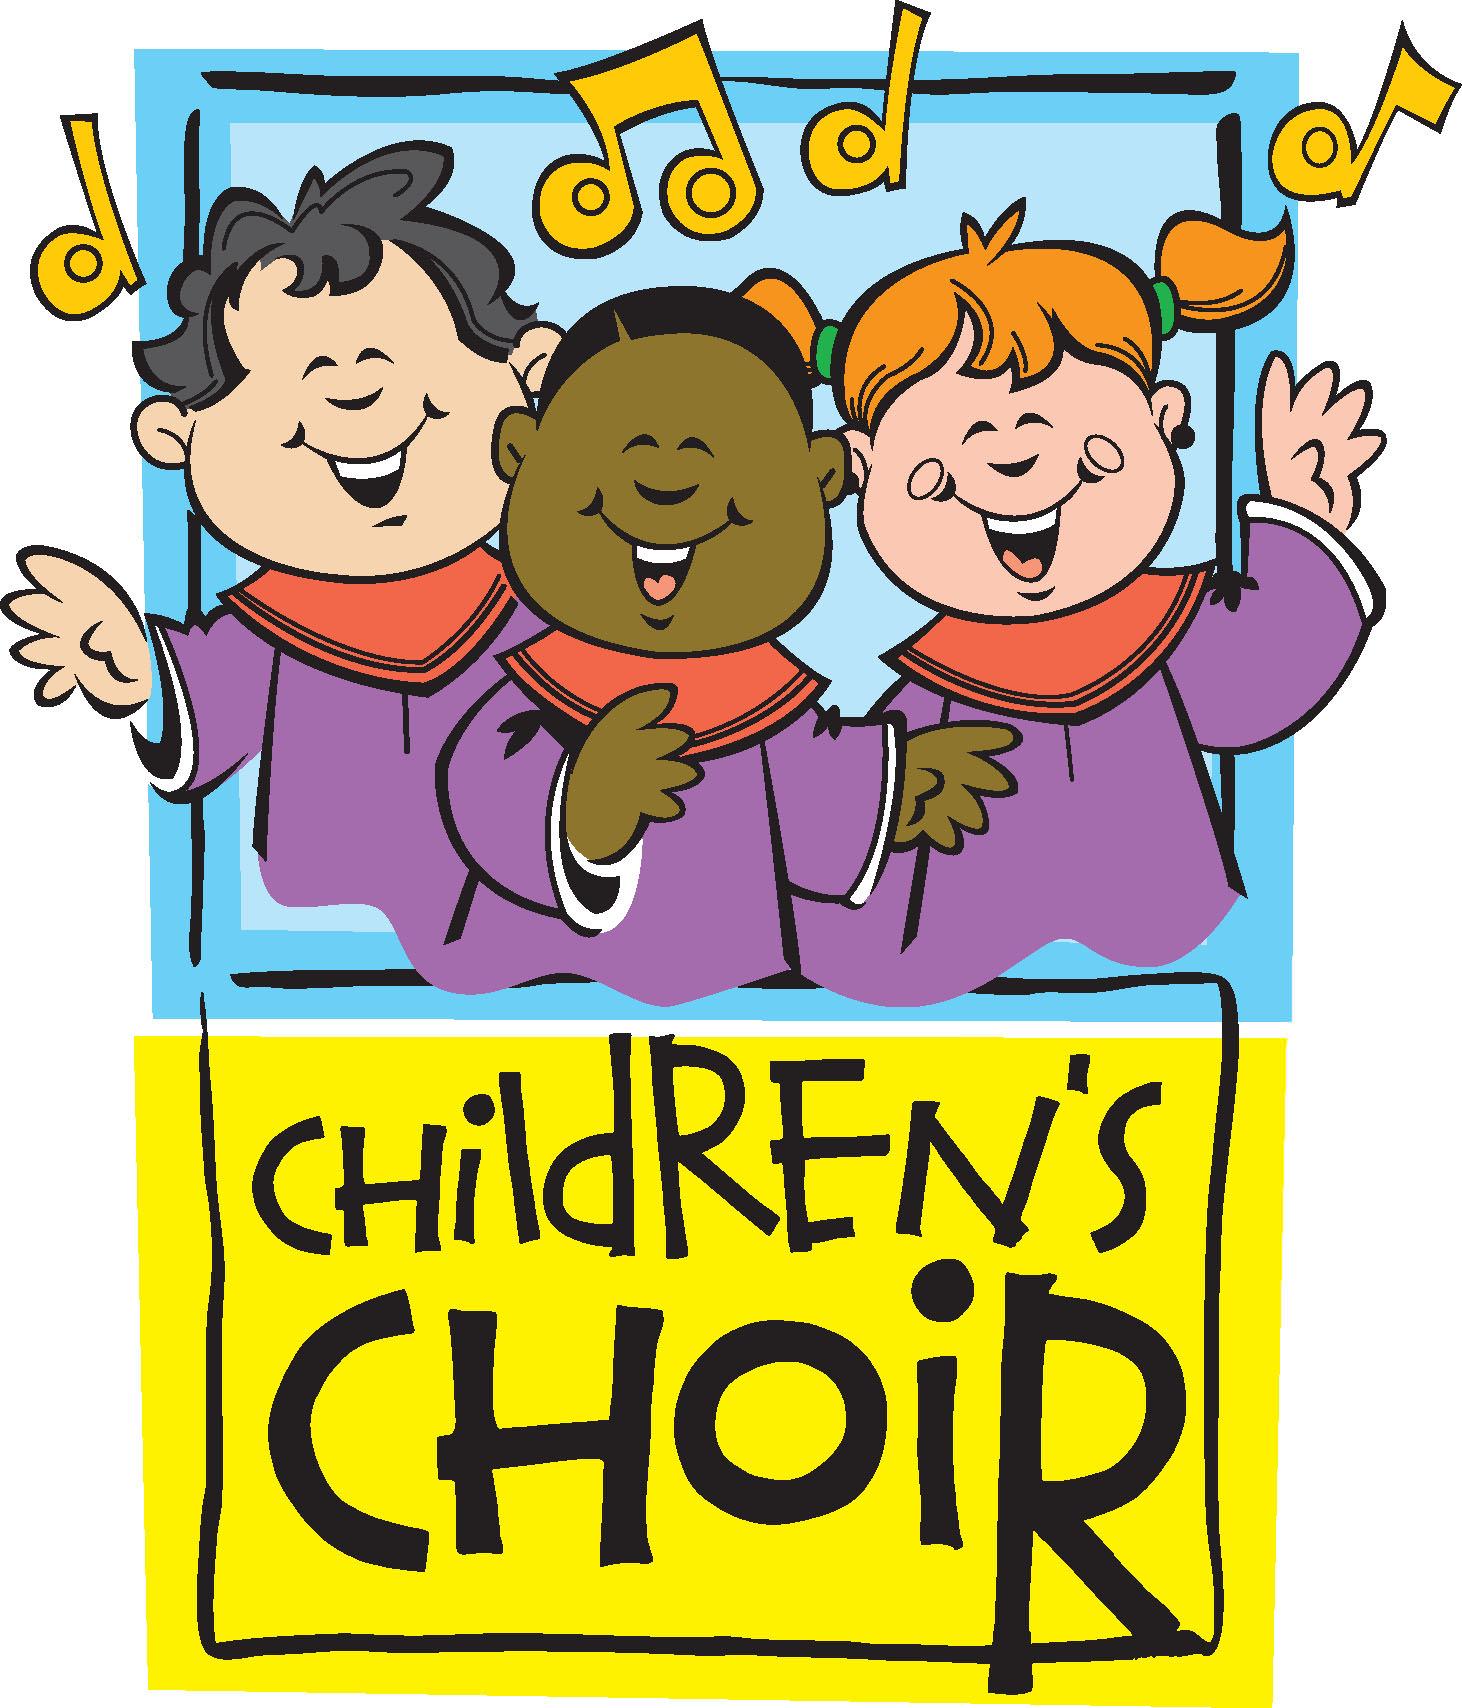 Club clipart children's choir Reformation Kickoff! Lutheran Choir Children's